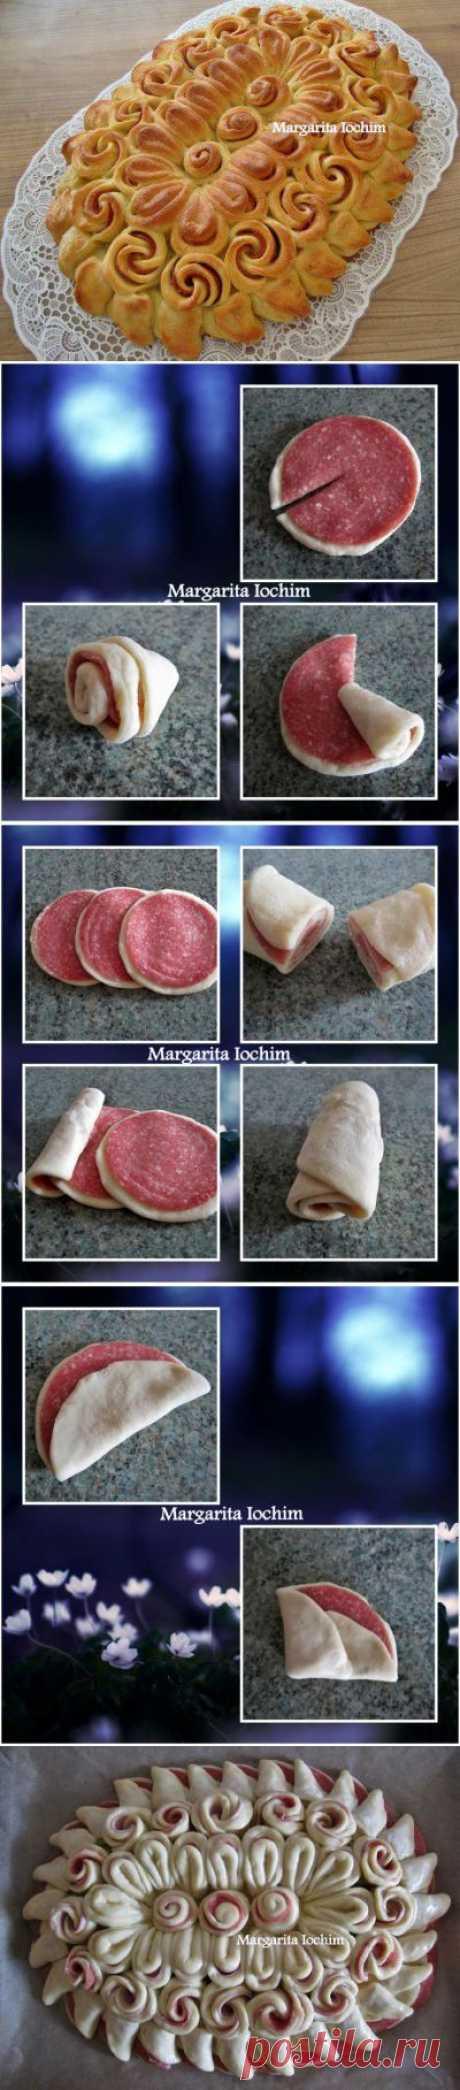 Пирог из дрожжевого теста с колбасой «Салфетка» : Выпечка несладкая | вкуснятки | Постила